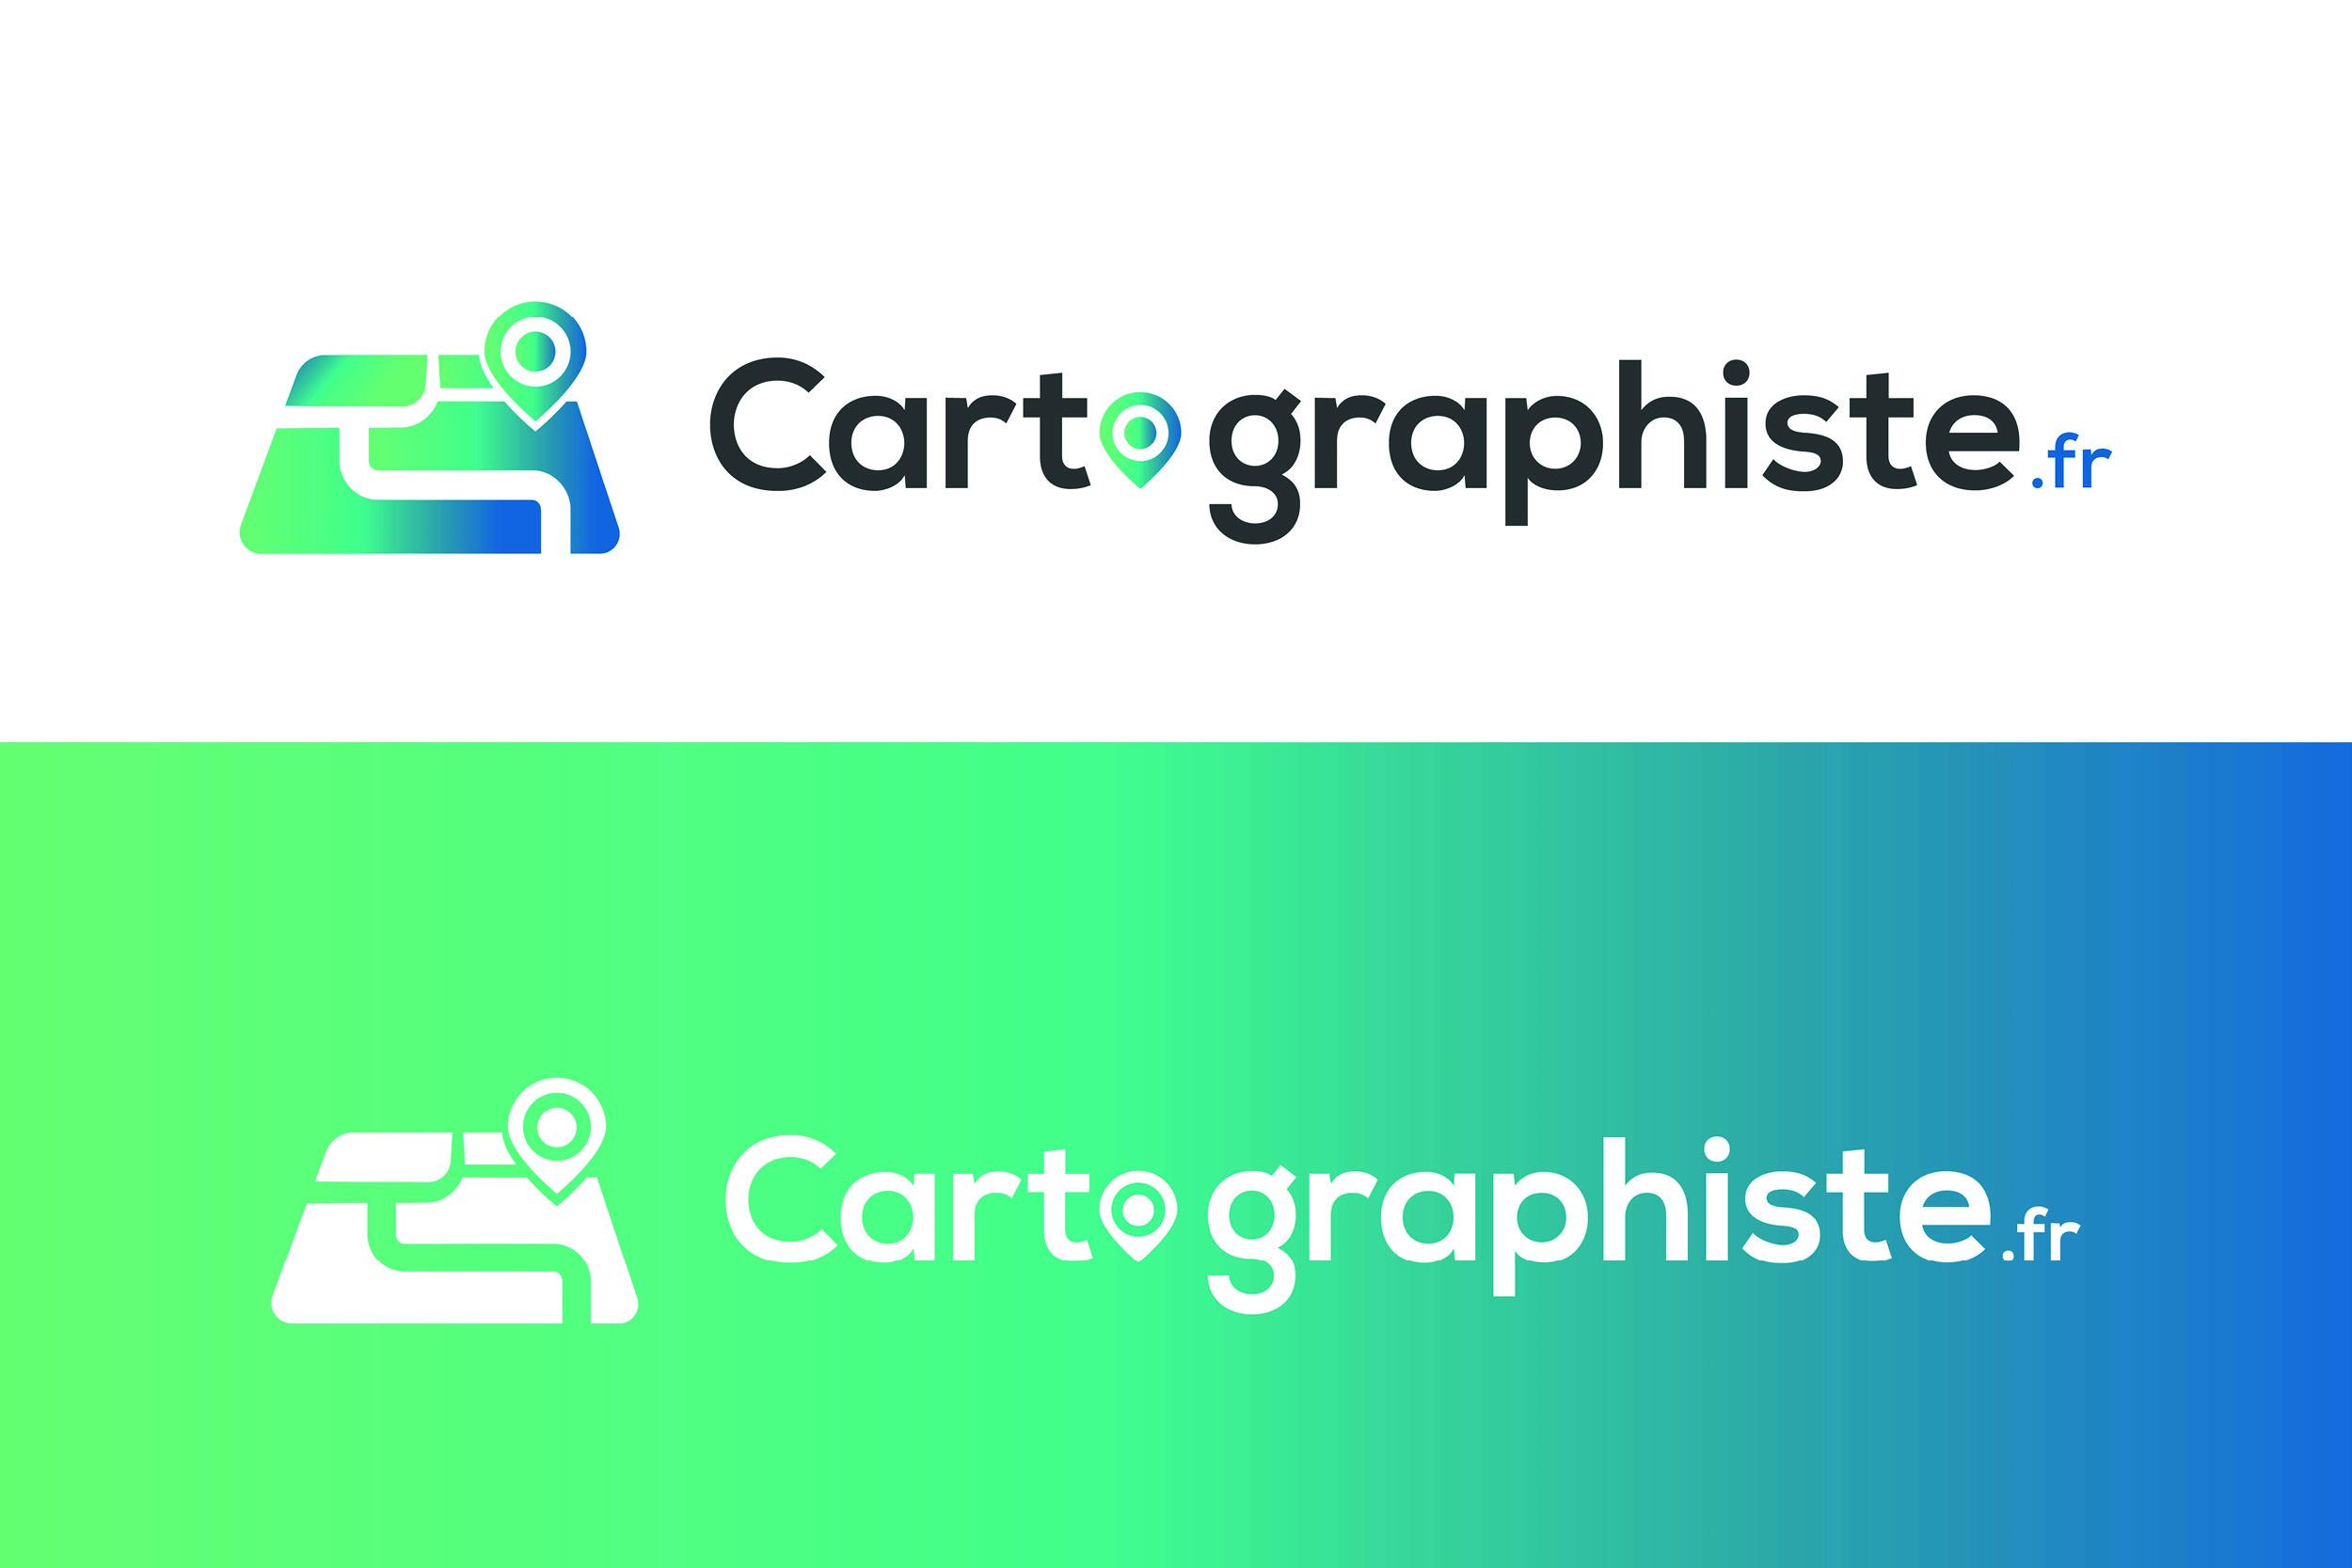 Cartographiste.fr